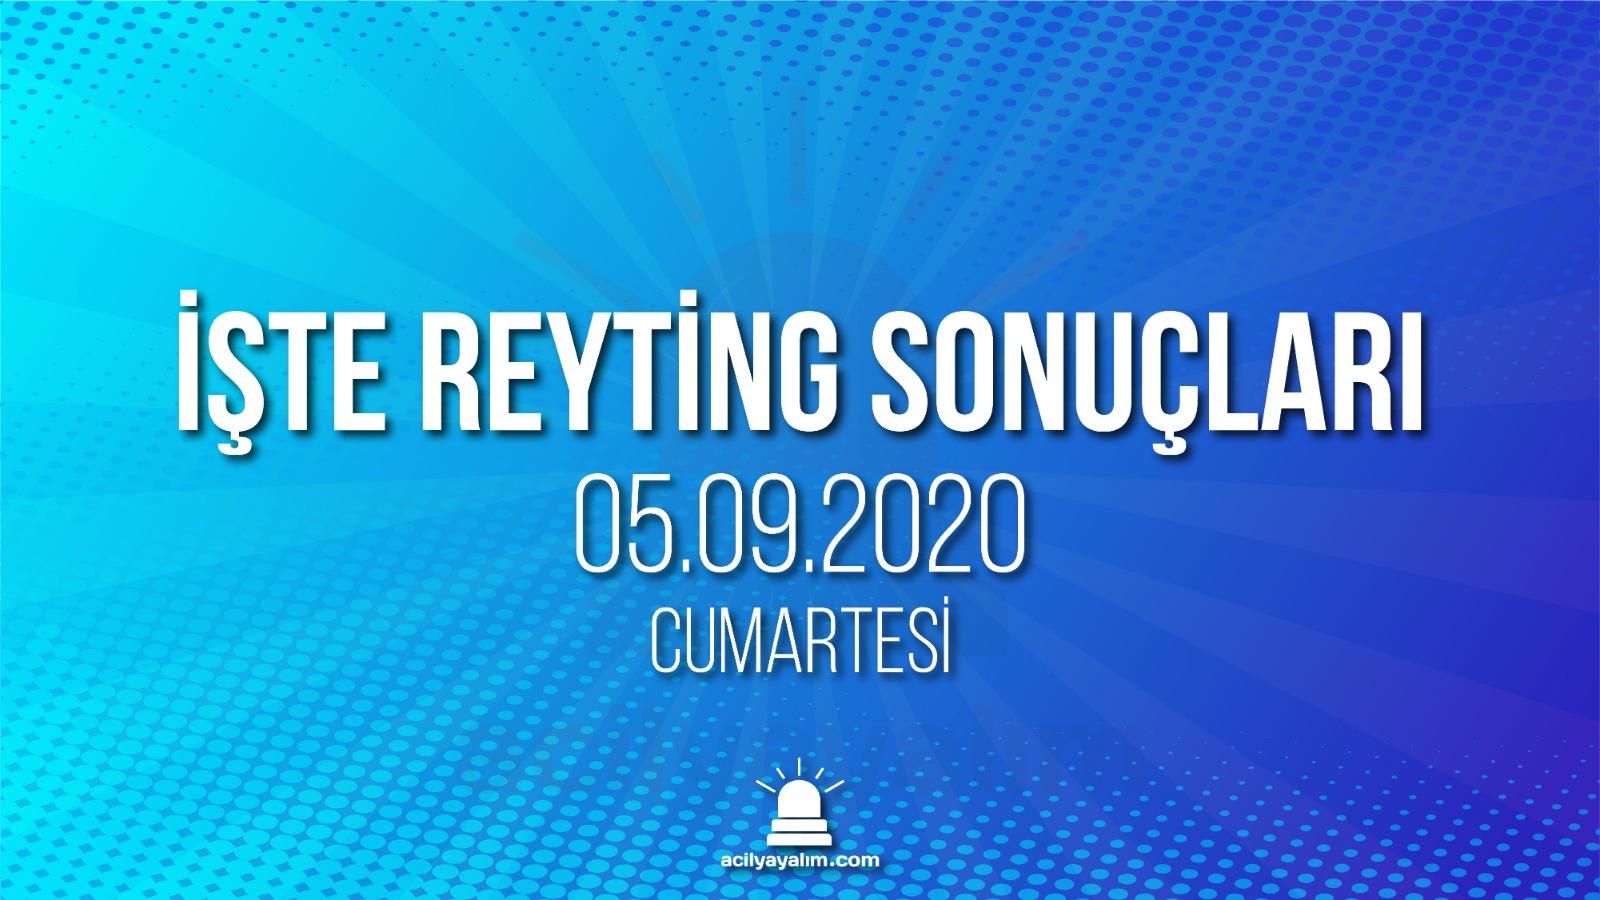 5 Ağustos 2020 Cumartesi reyting sonuçları